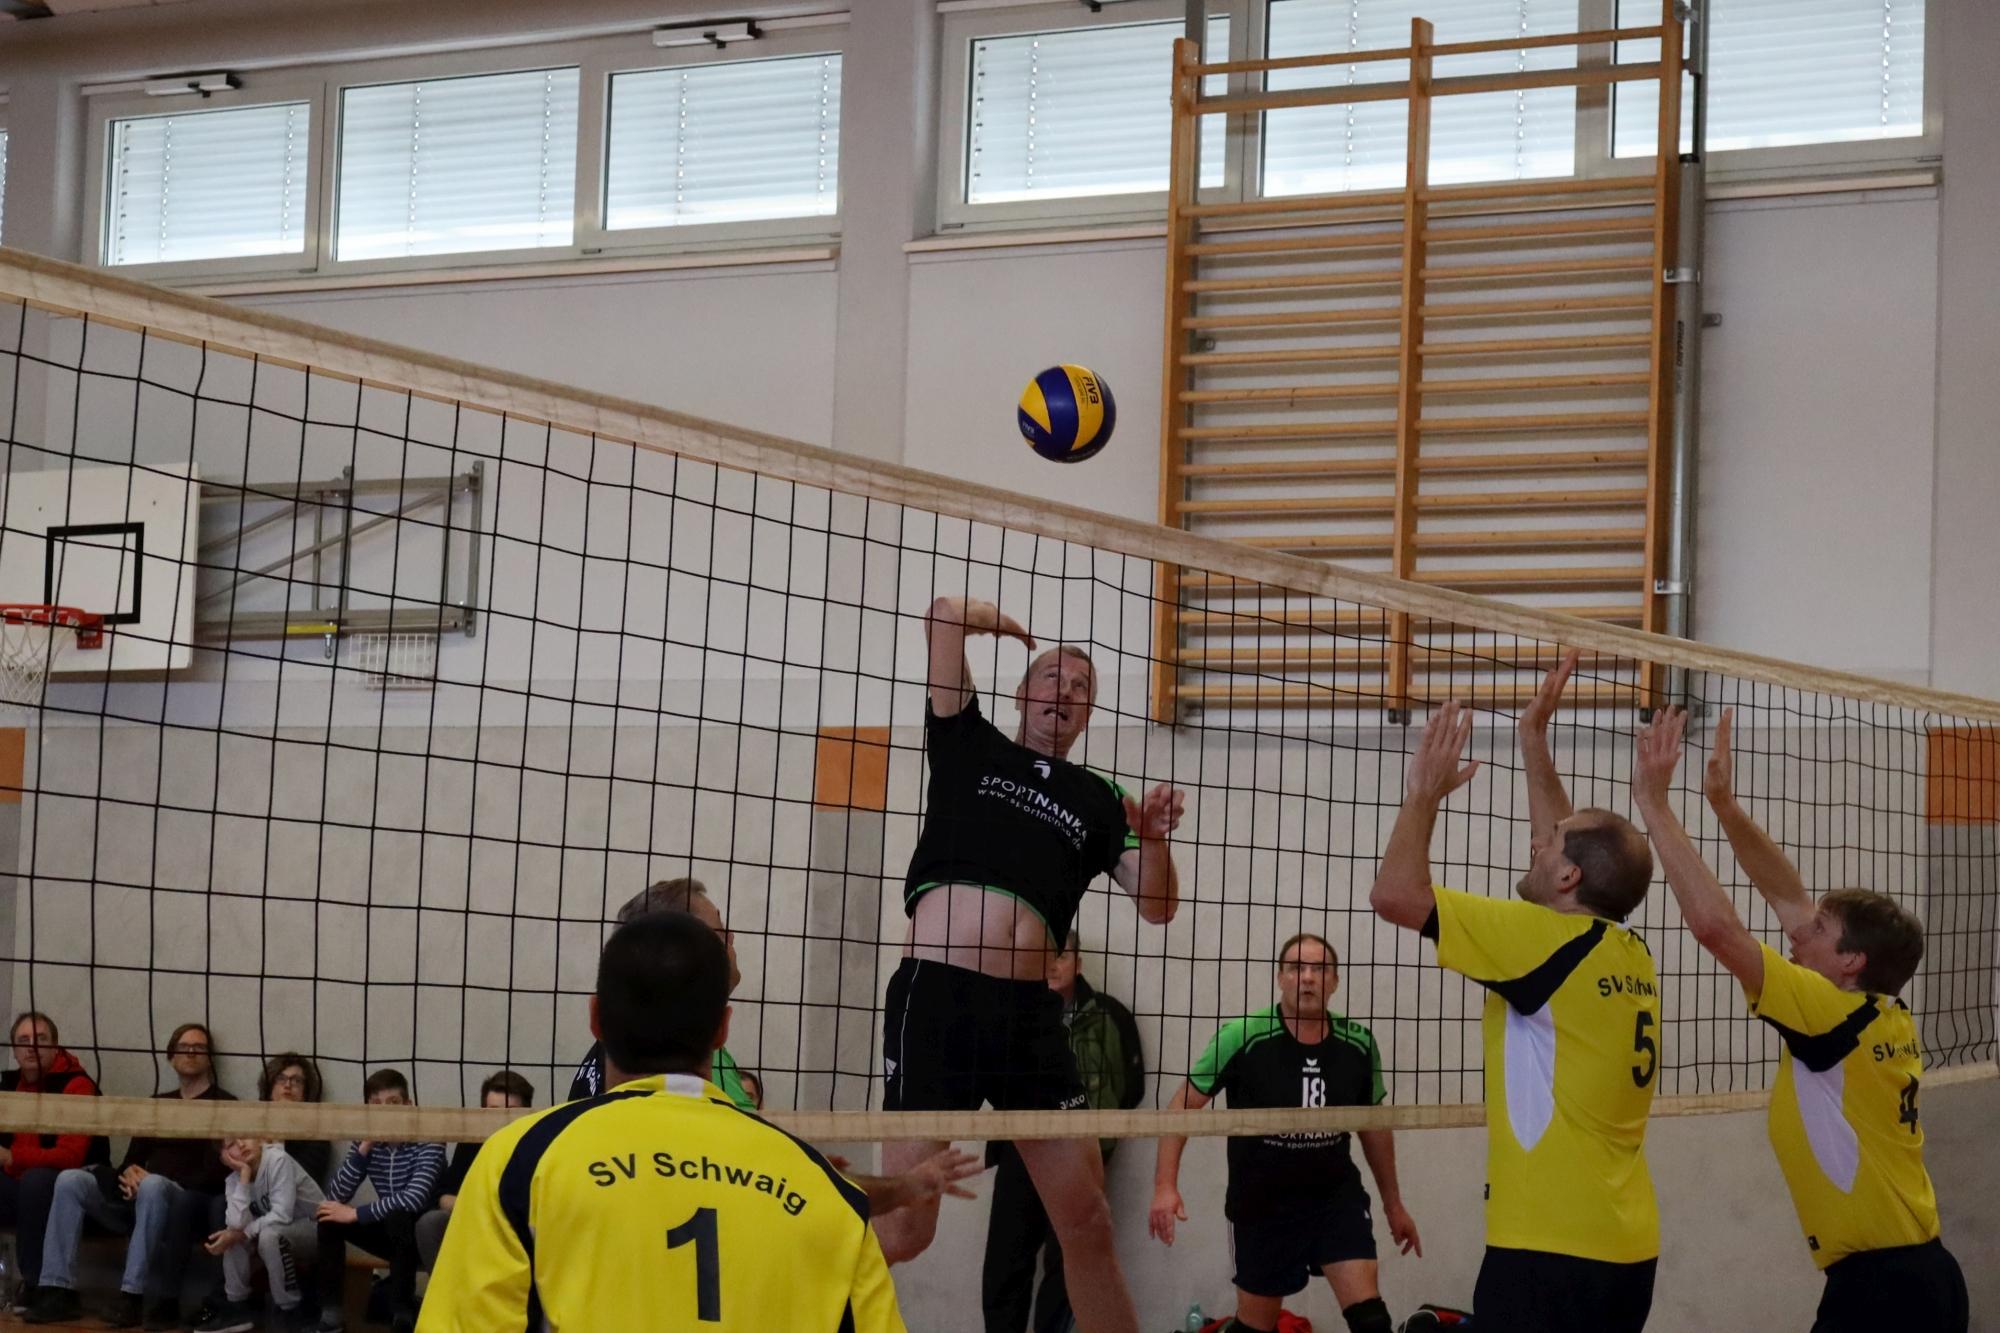 BSV_Schwaig Senioren 3_05